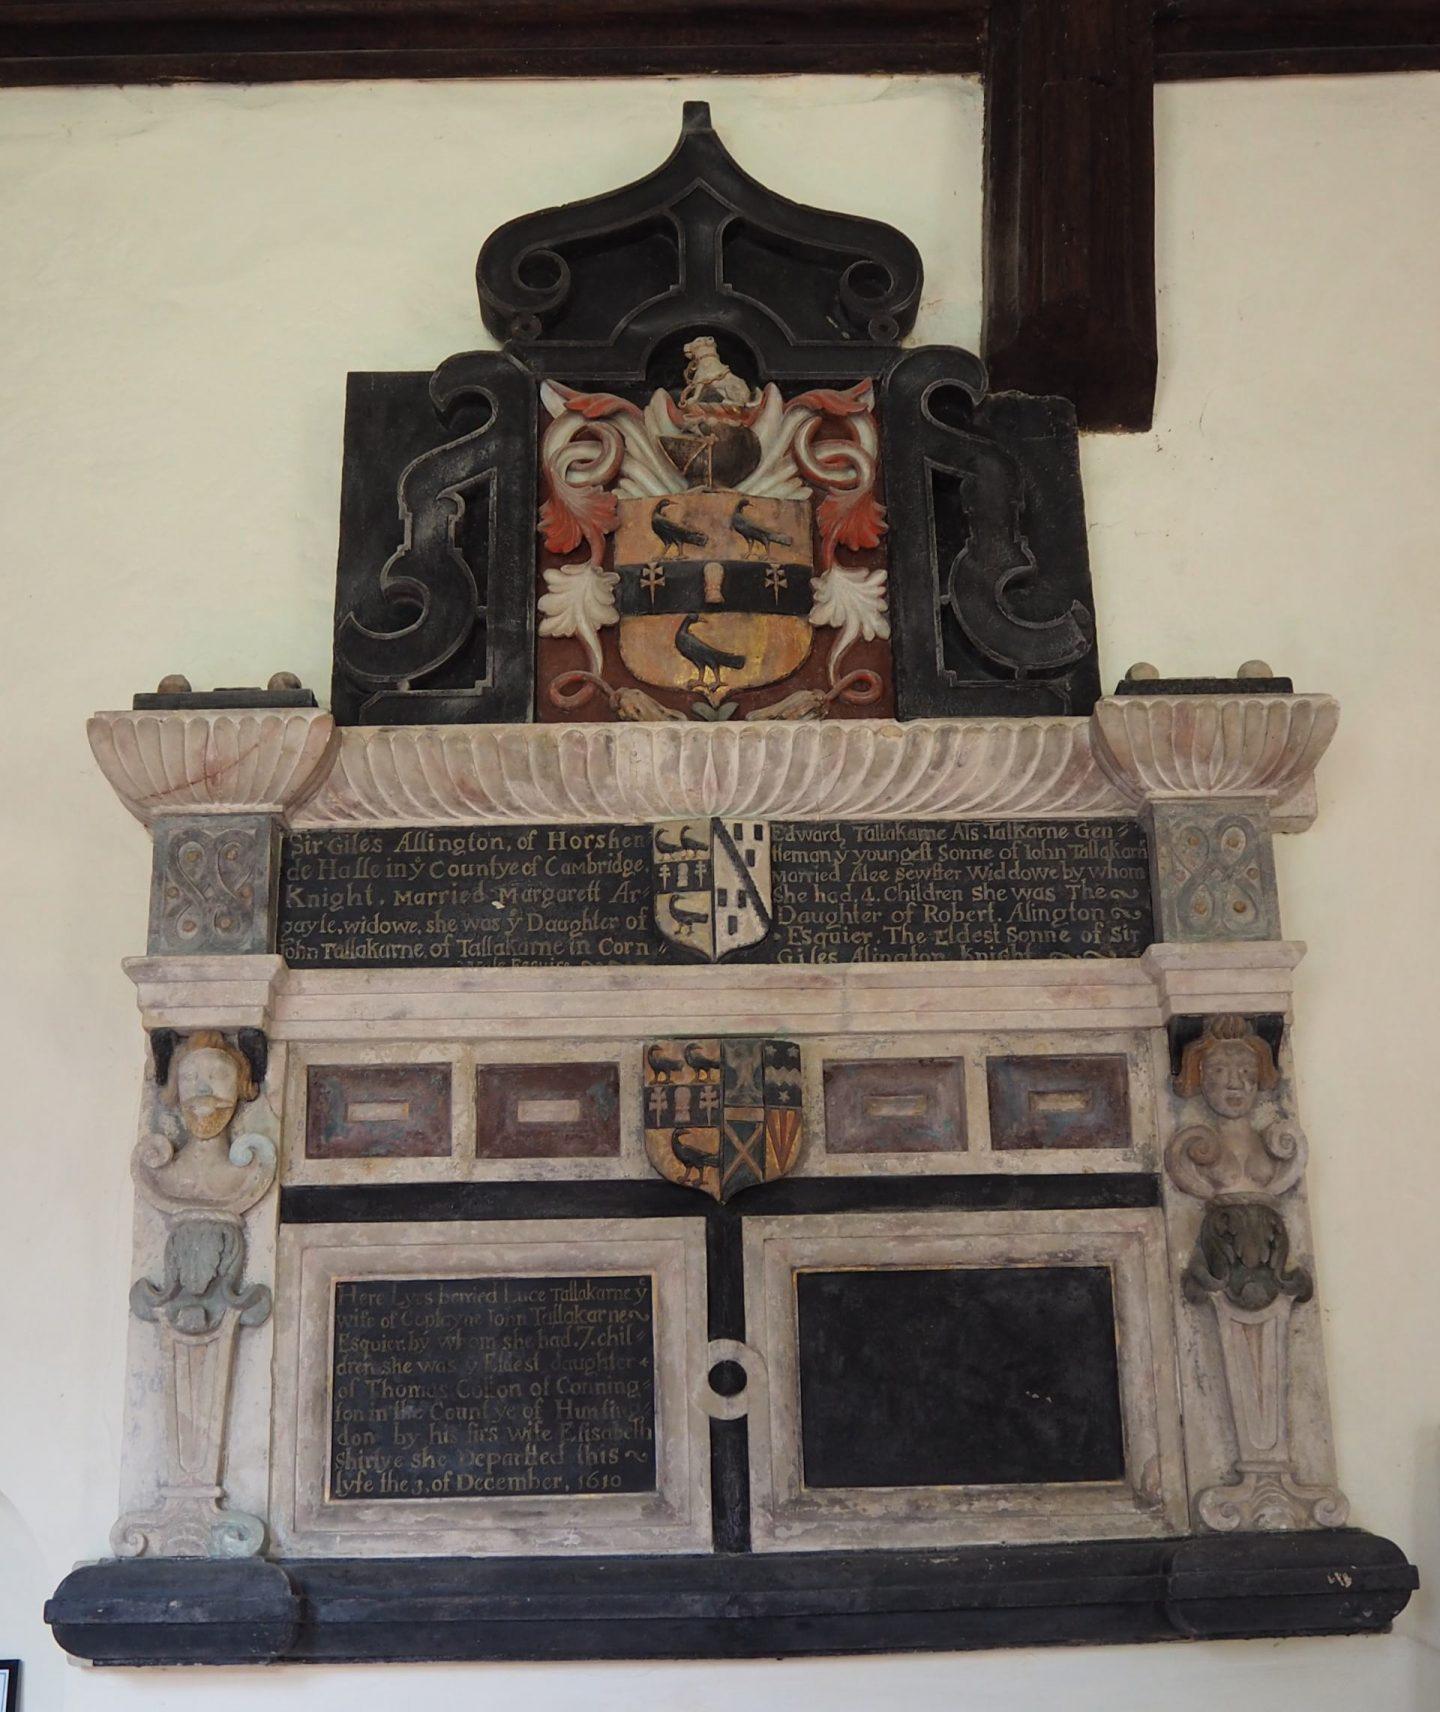 Luce Tallakarne monument in Ashen Church